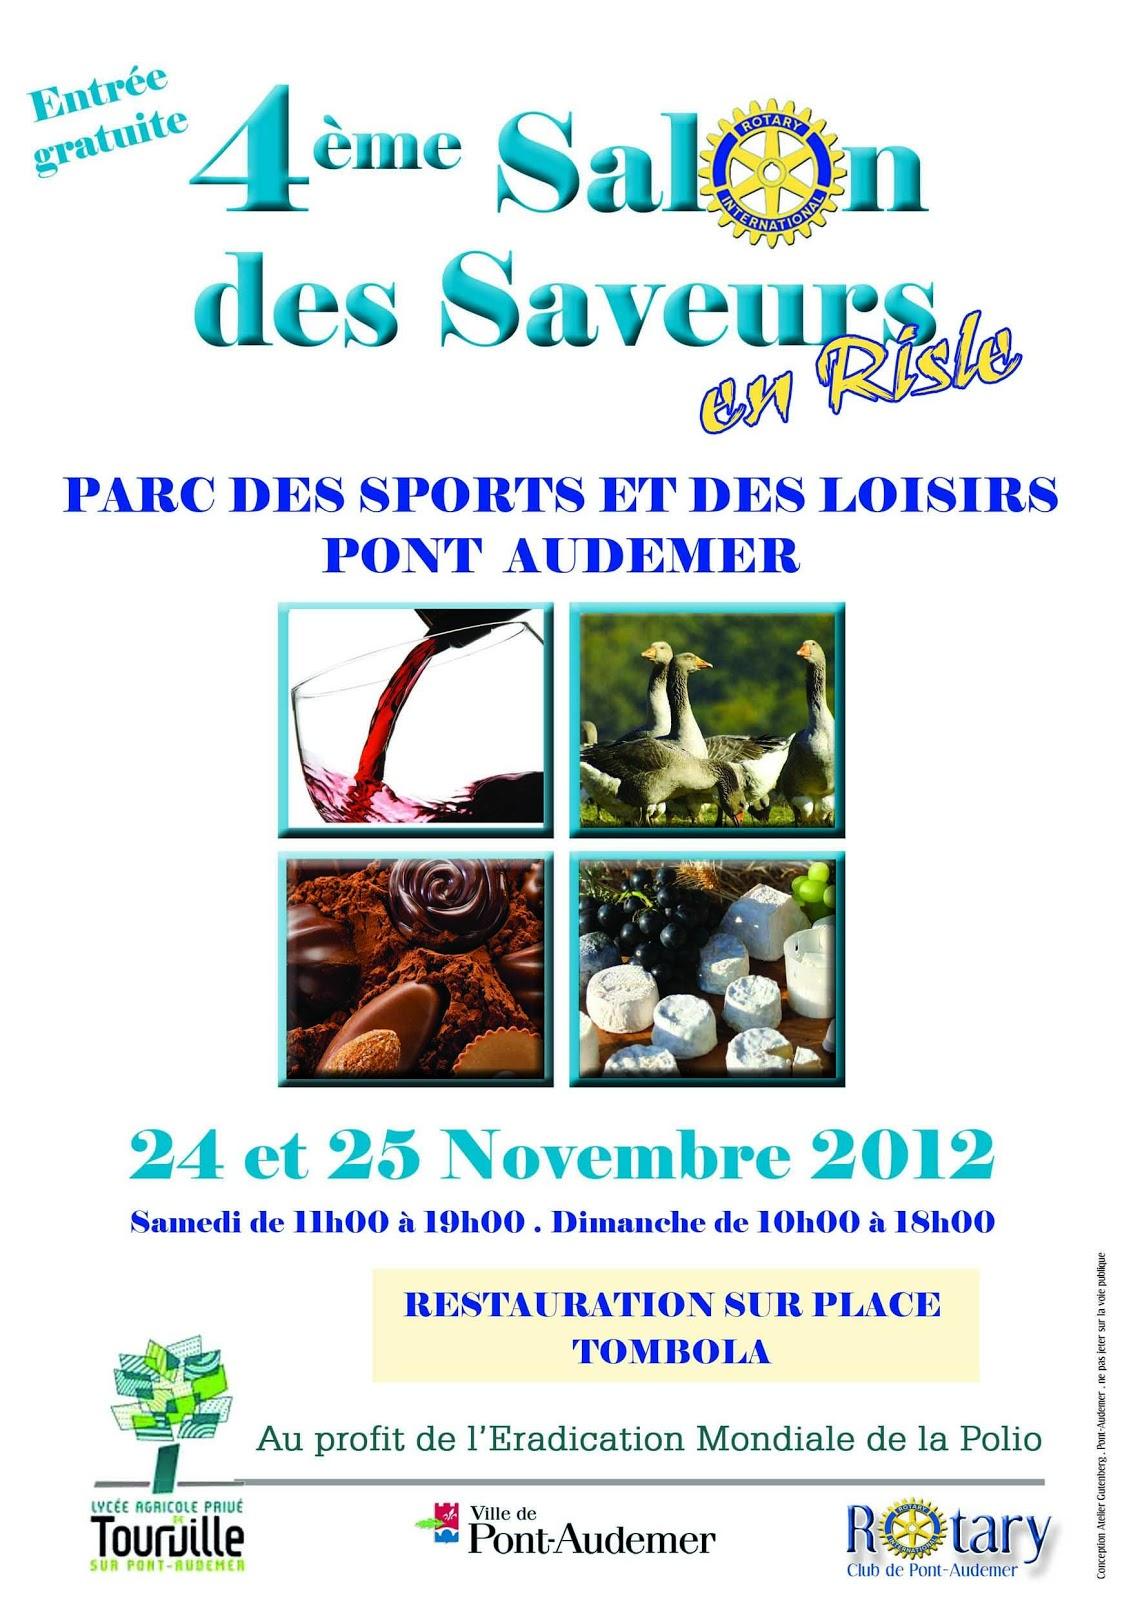 Thib 39 s life saveurs regionales for Salon des saveurs